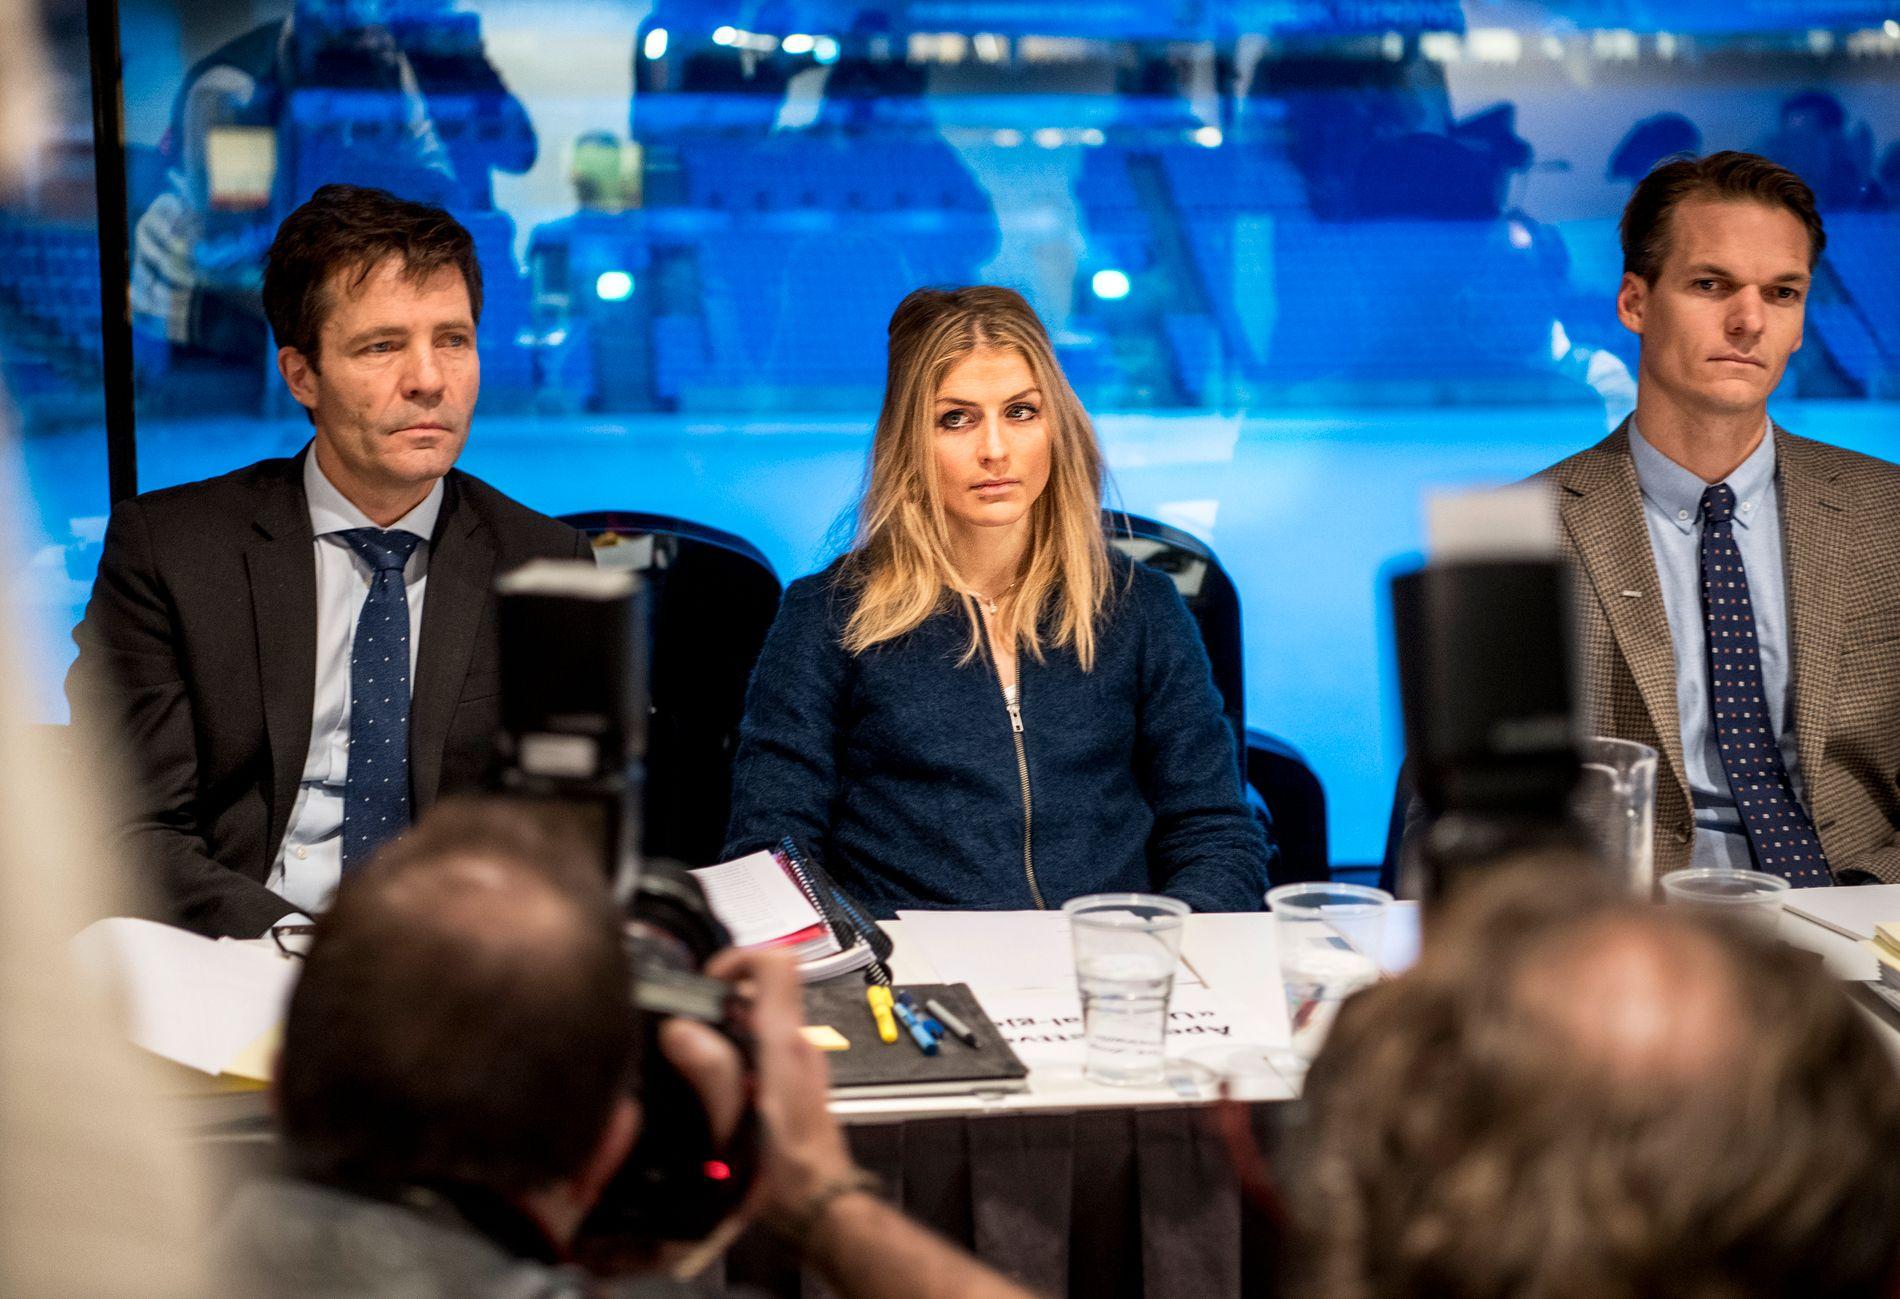 ENDELIG REGNING: Therese Johaug, her sammen med sine advokater fra høringen foran NIFs domsutvalg på Ullevaal stadion i januar i fjor.